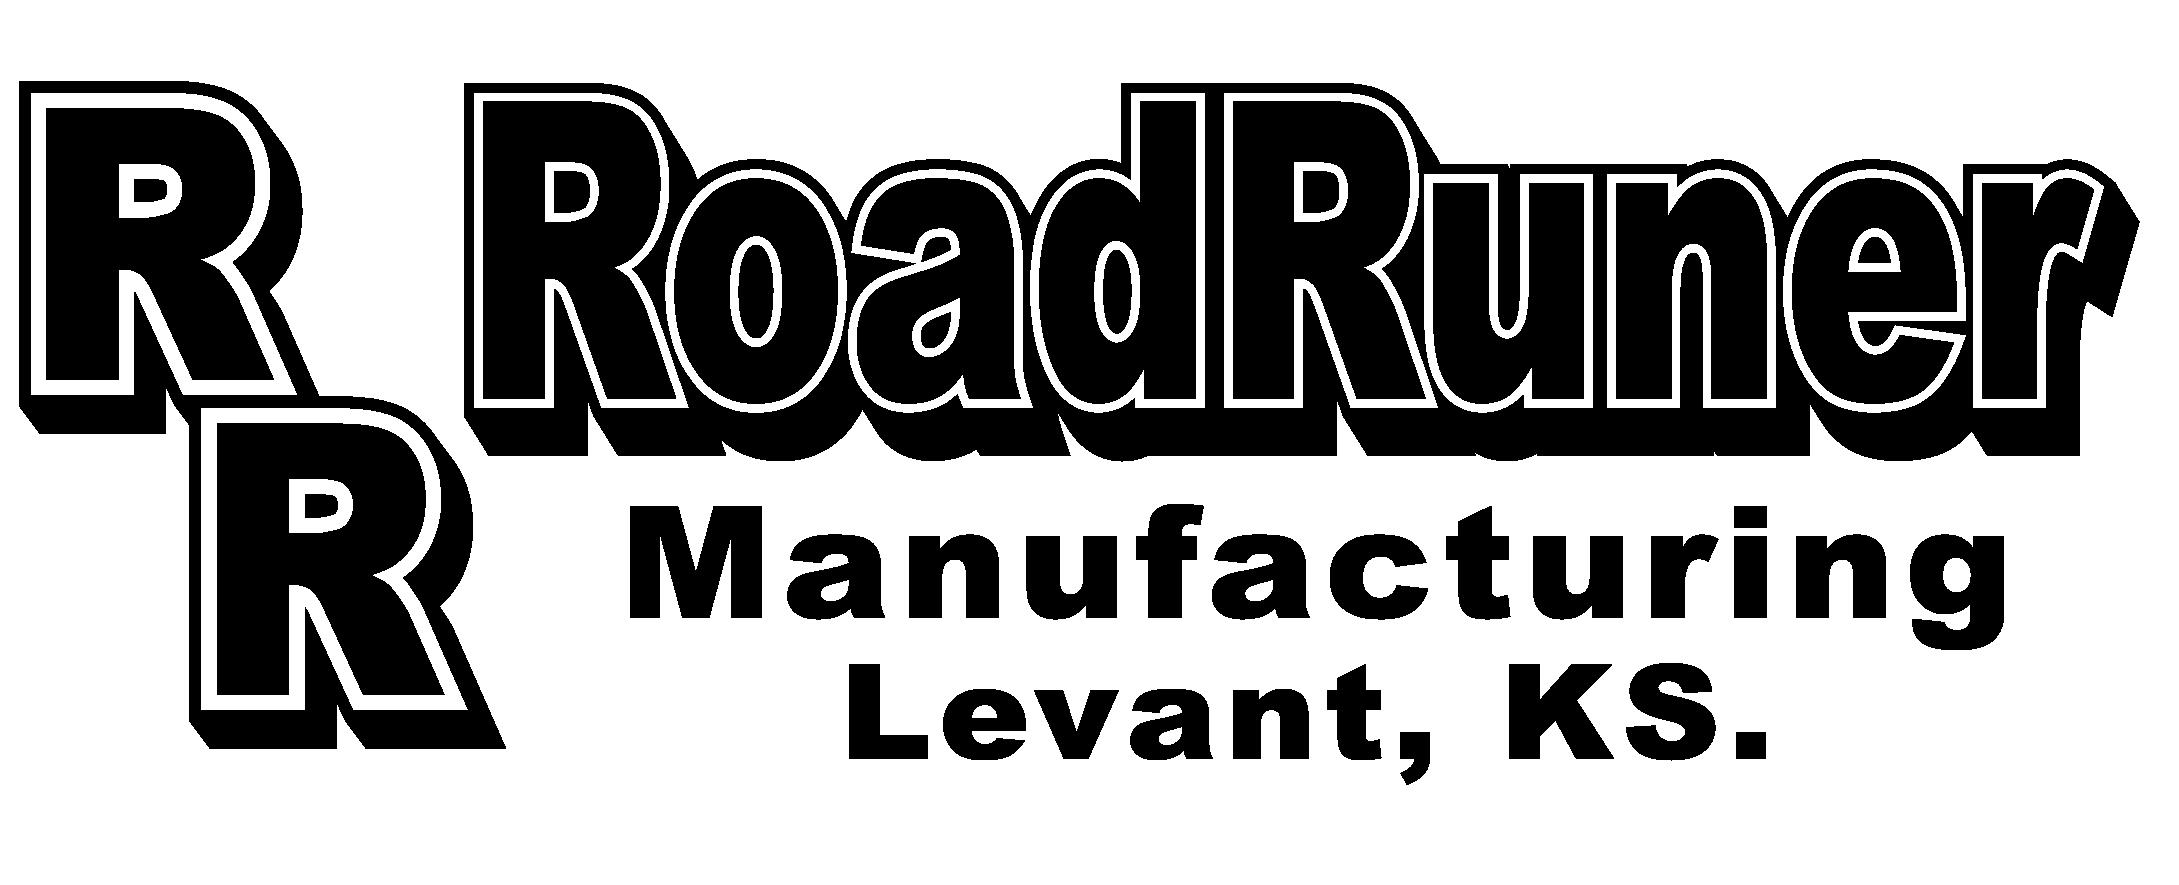 road runner.png